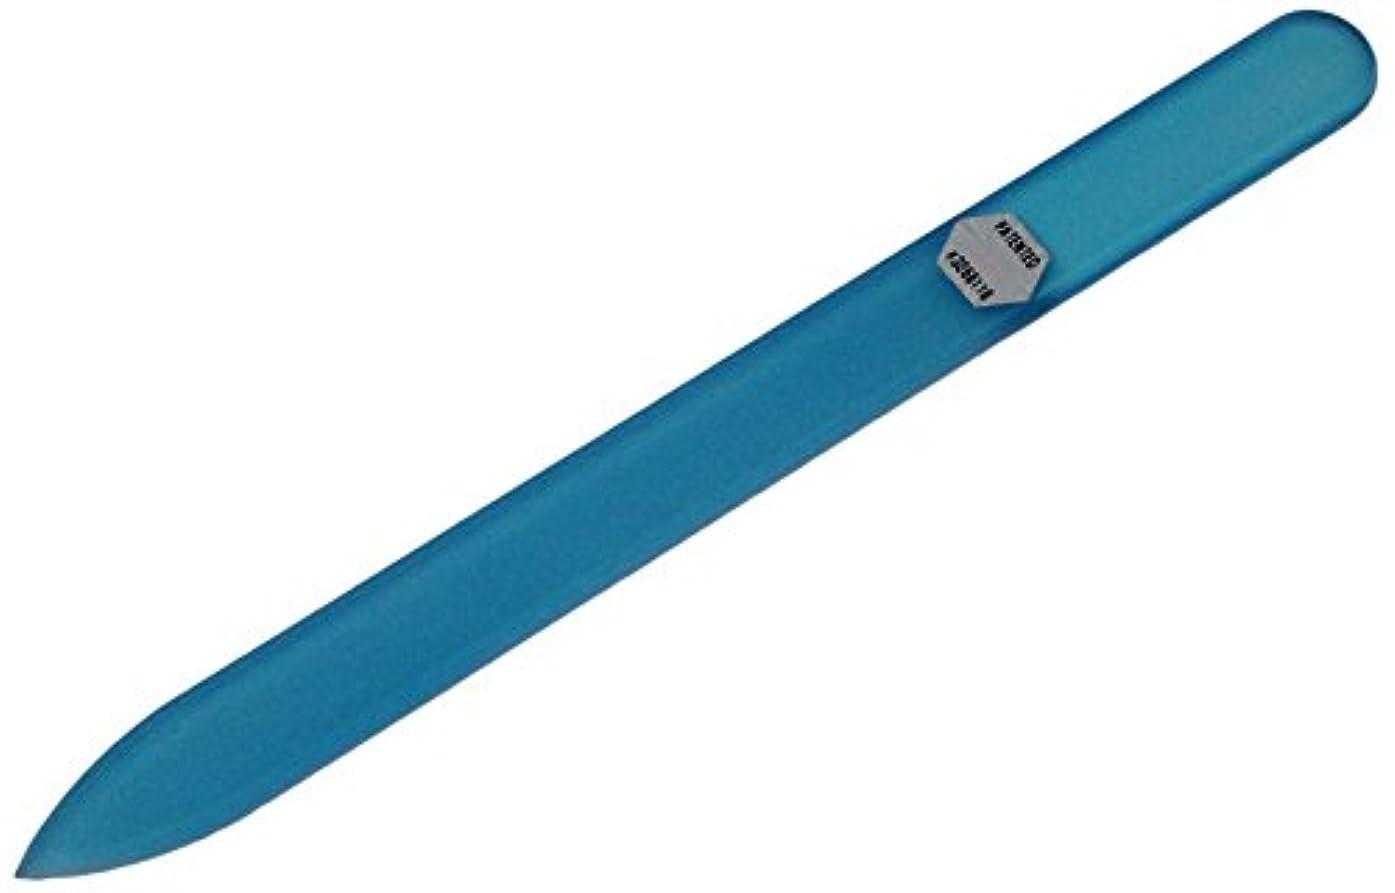 相反するブーストフルーツ野菜ブラジェク ガラス爪やすり 140mm 片面タイプ オールカラー ブルー B-03